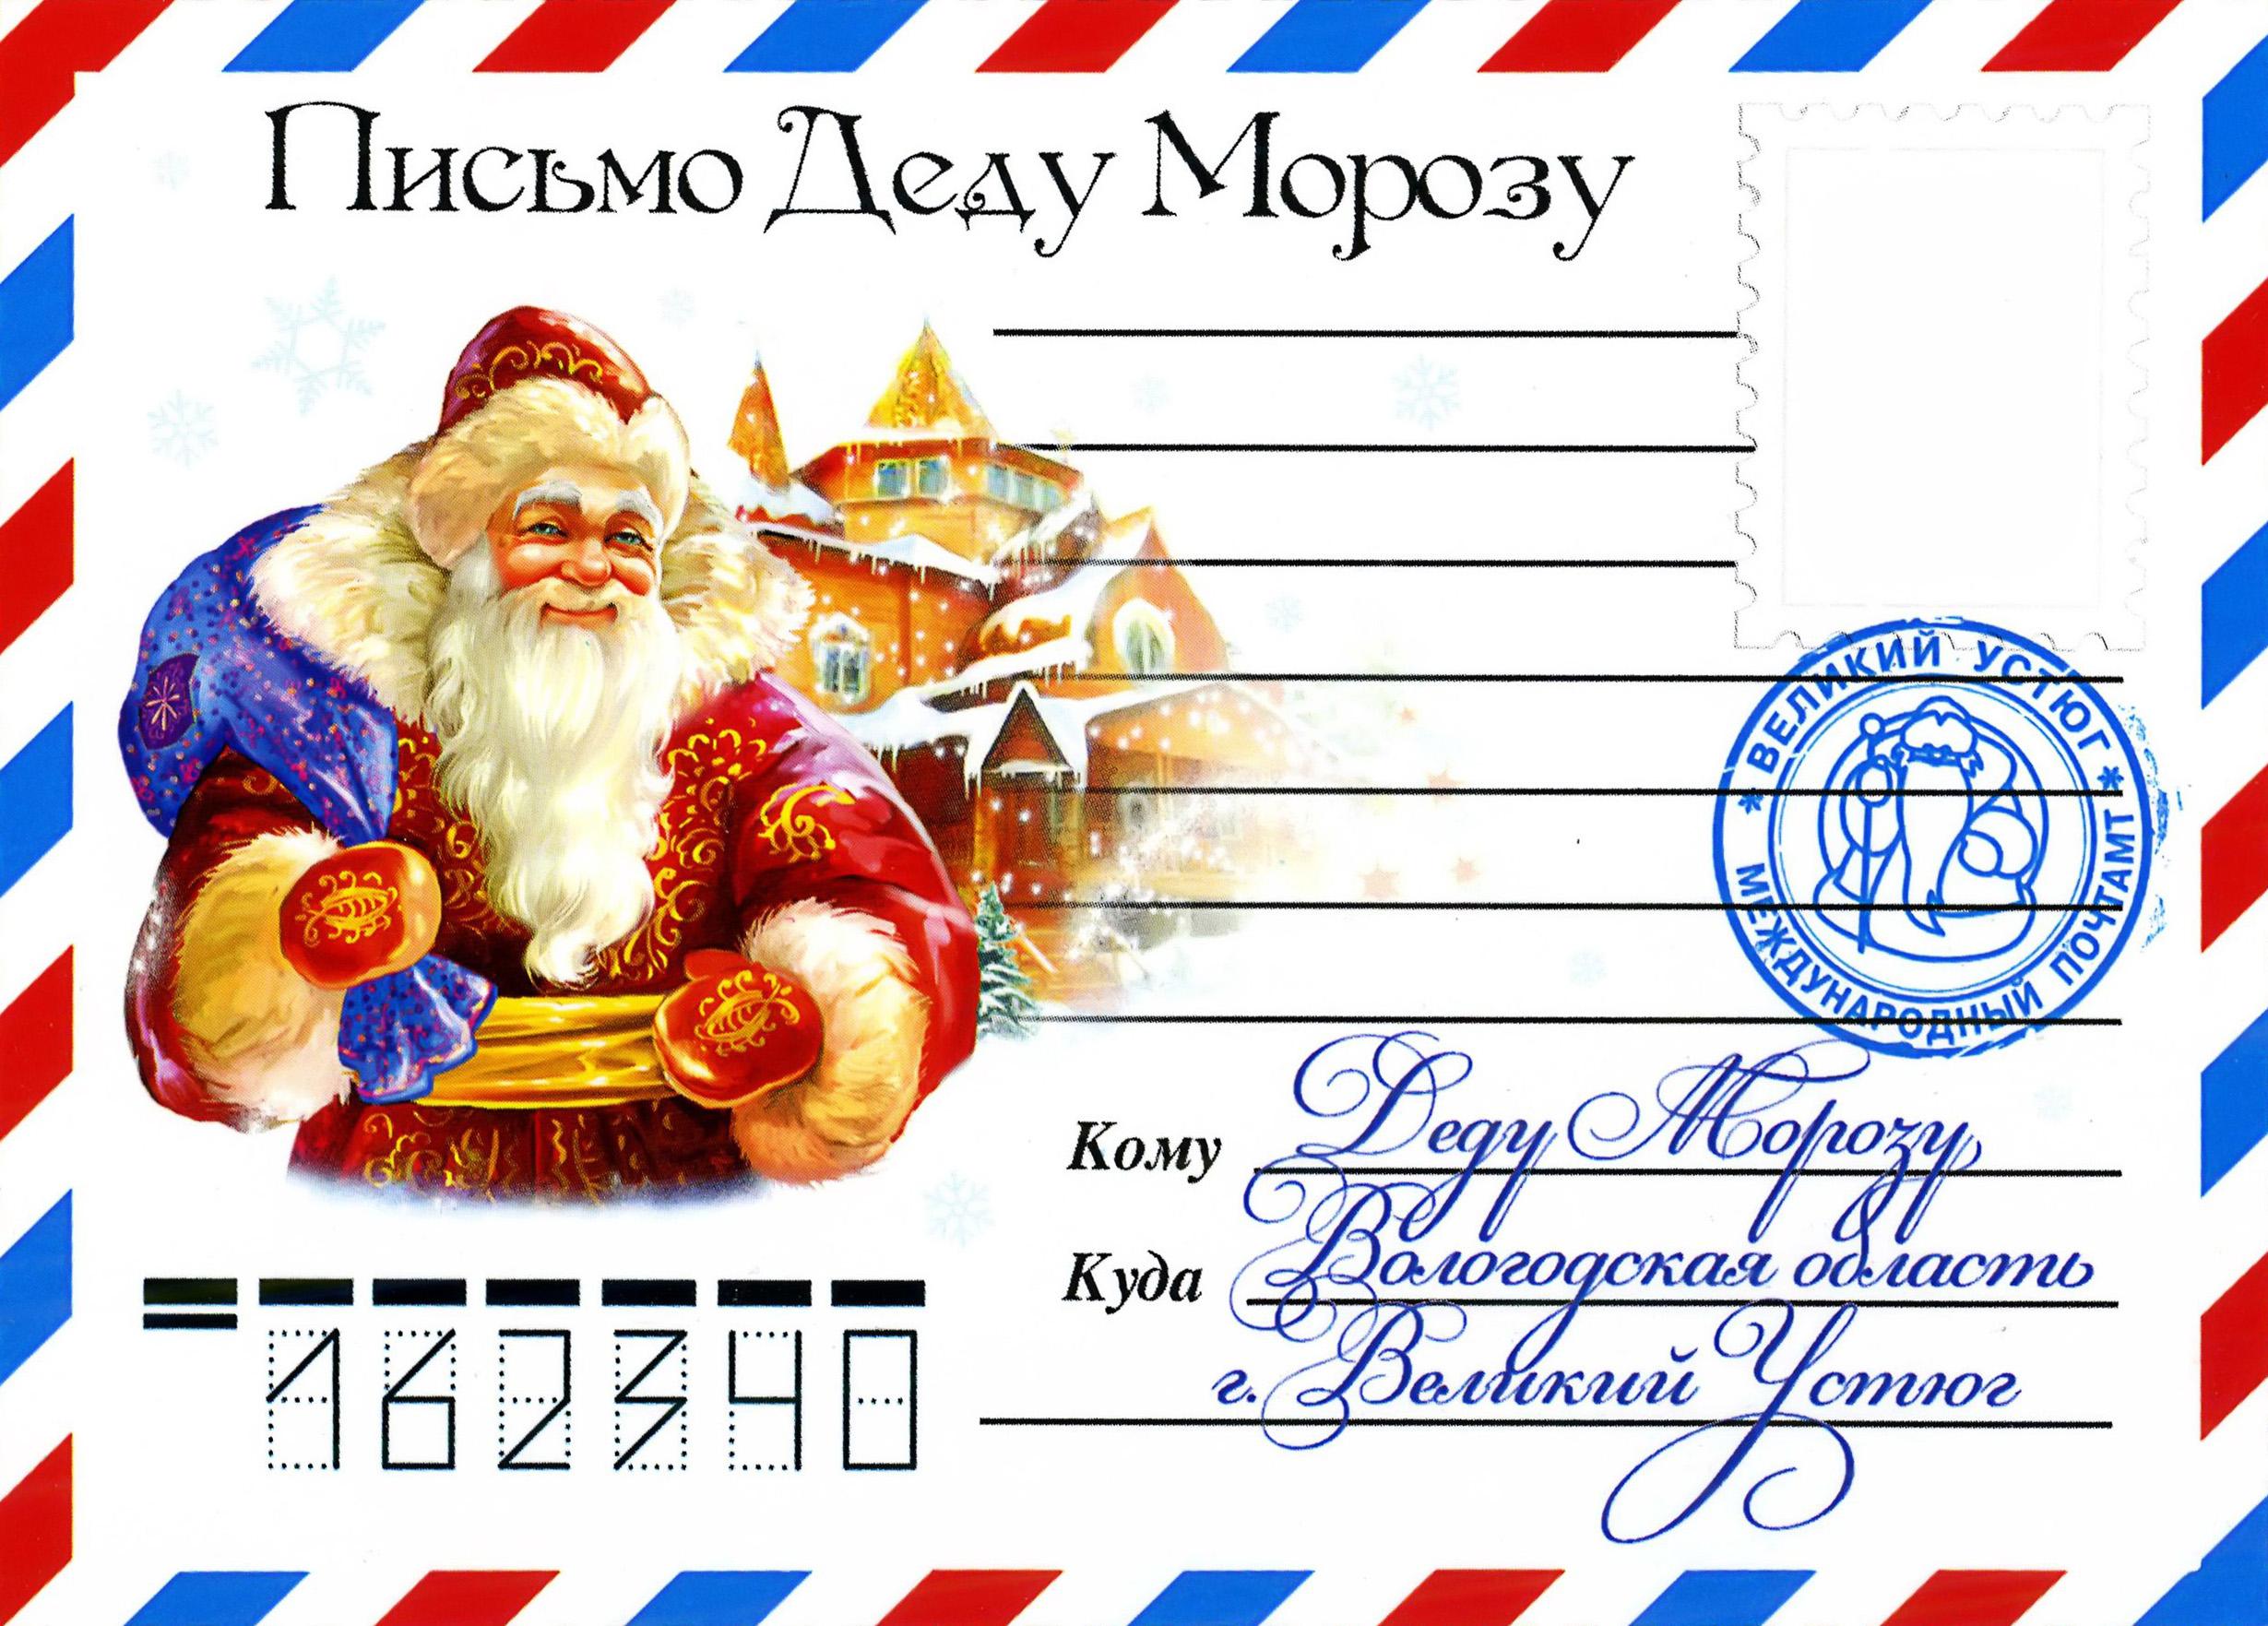 Дед Мороз готов получать письма